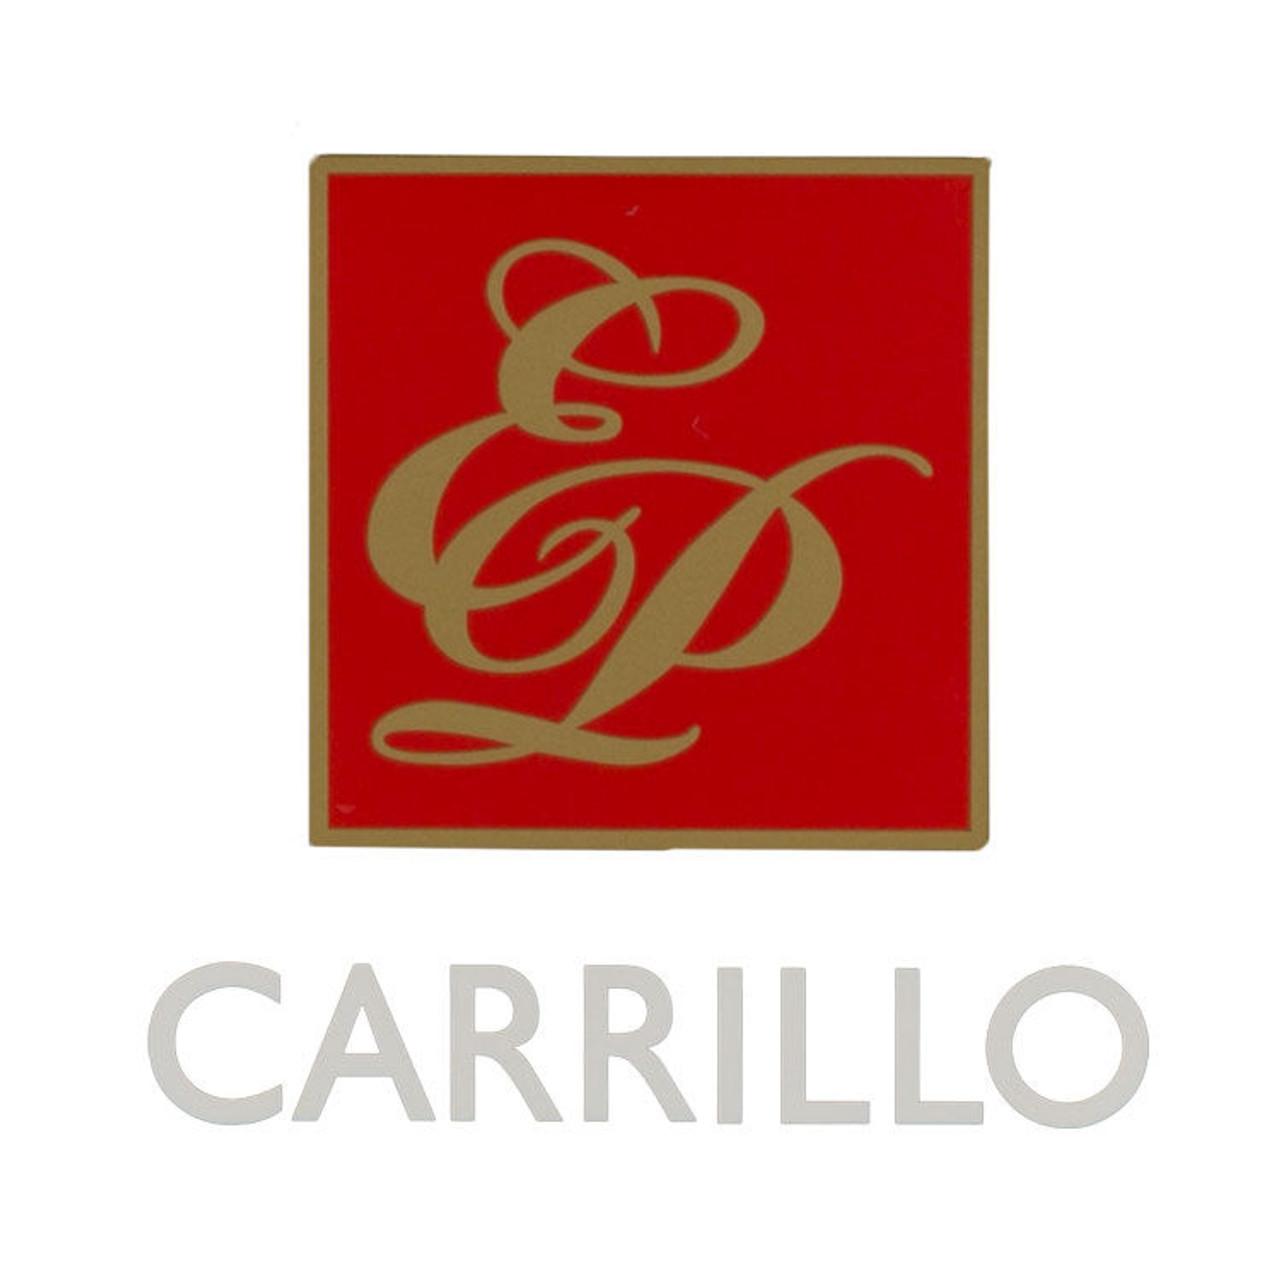 E.P. Carrillo Core Plus Churchill Especial No. 7 Cigars - 7.0 x 49 (Box of 20)